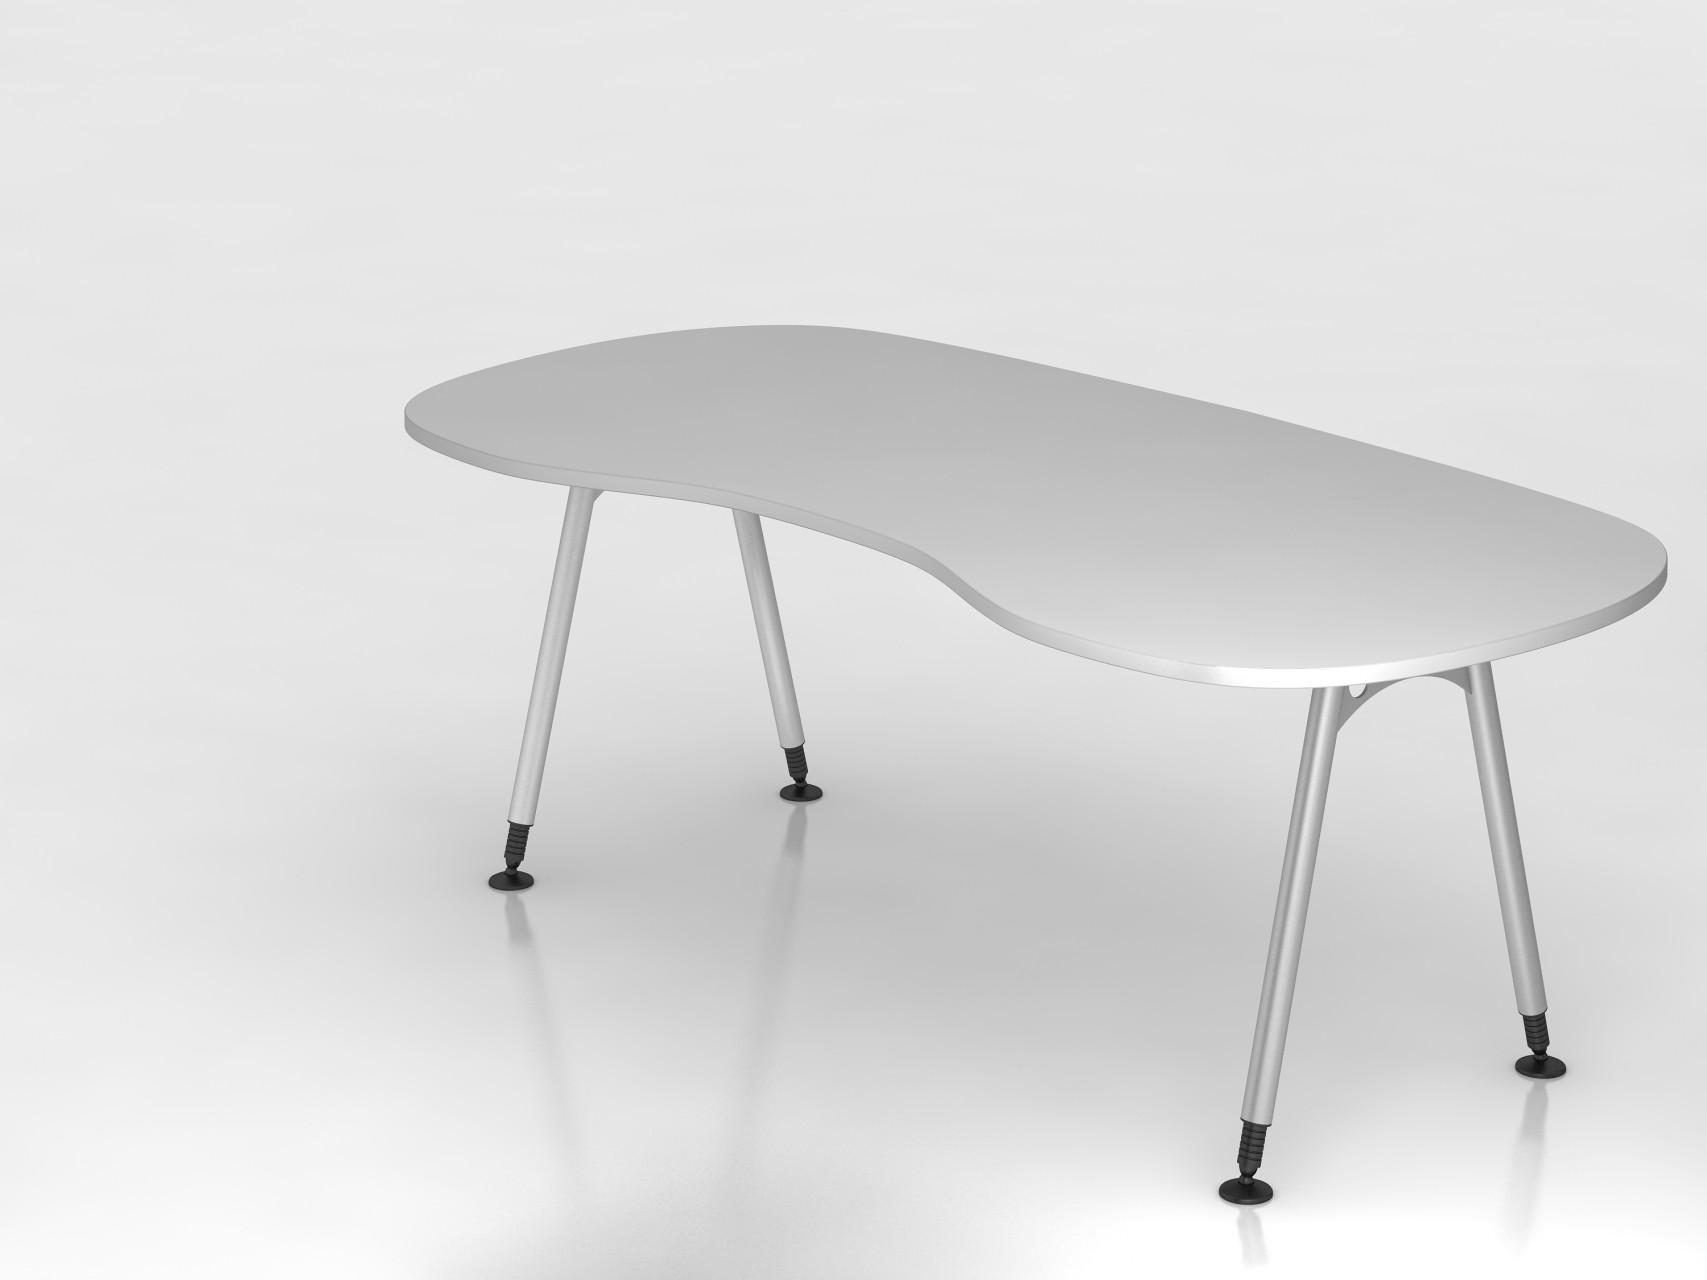 bureau r glable en hauteur courbe alpha achat bureaux r glables en hauteur 441 00. Black Bedroom Furniture Sets. Home Design Ideas